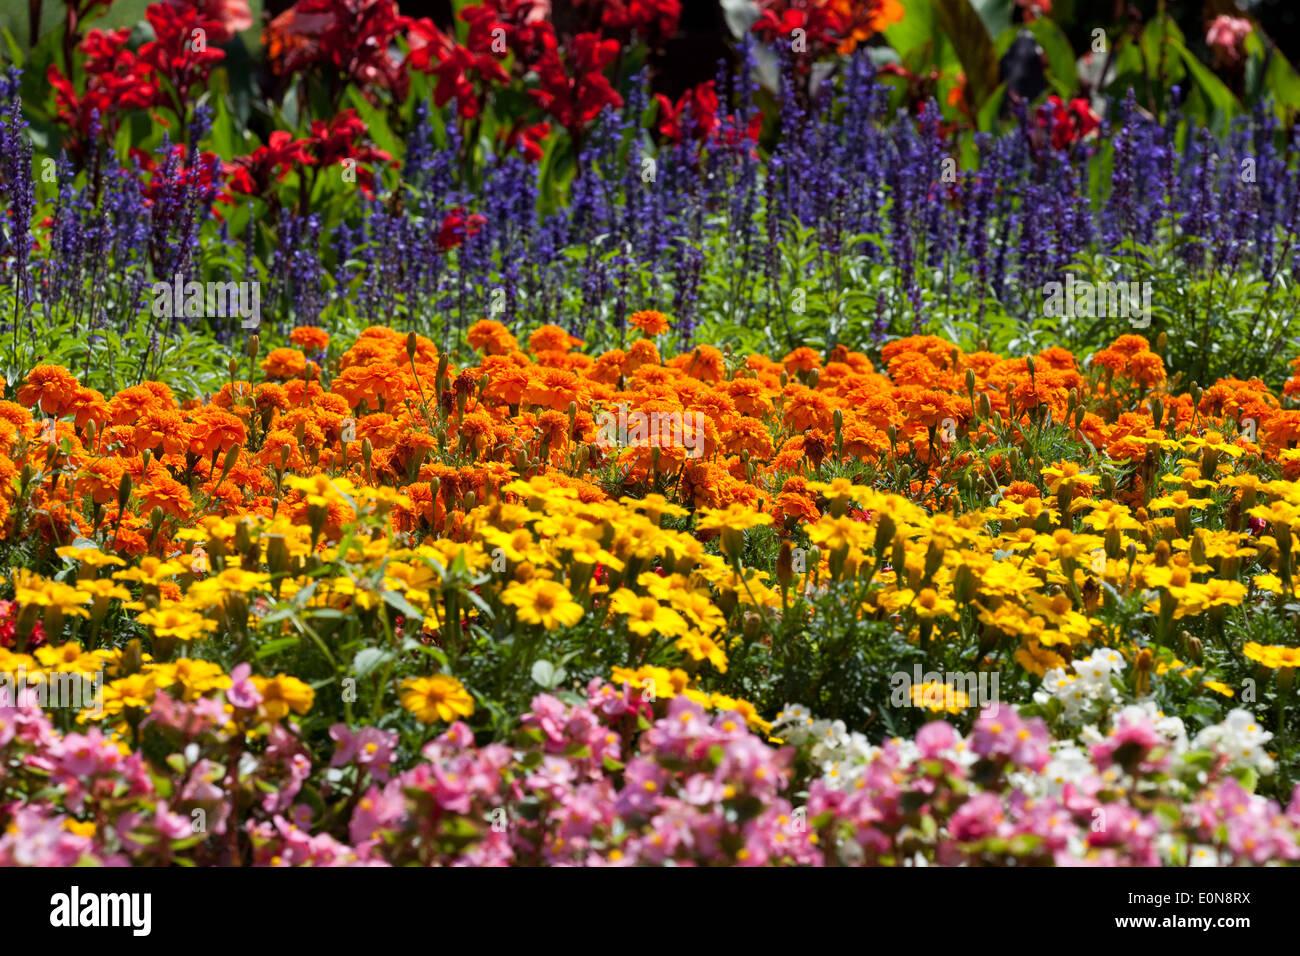 Bilder Blumengarten blumengarten blumengarten stockfoto bild 69309406 alamy